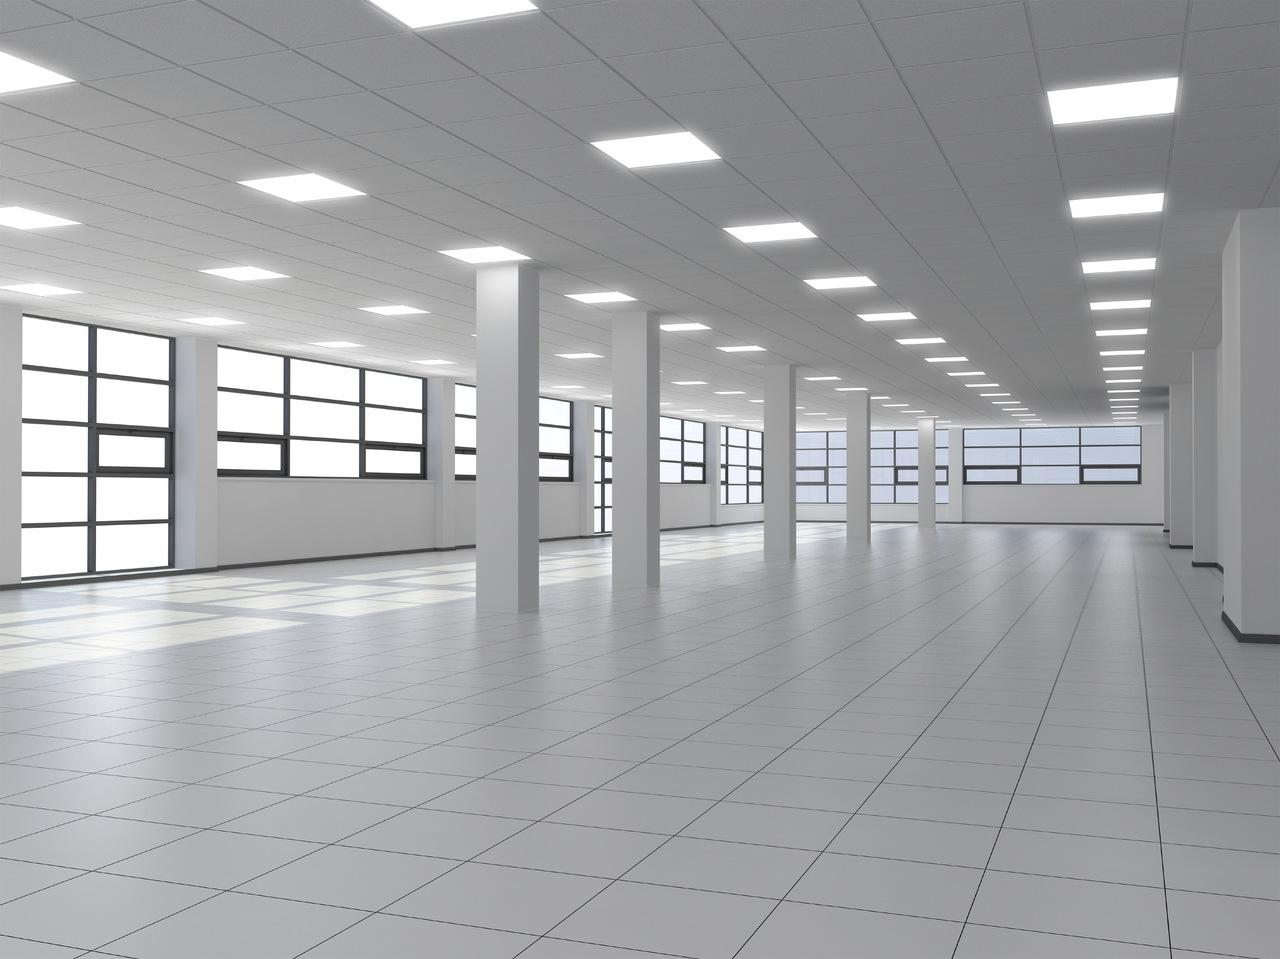 painéis de LED em uma sala branca e vazia com colunas